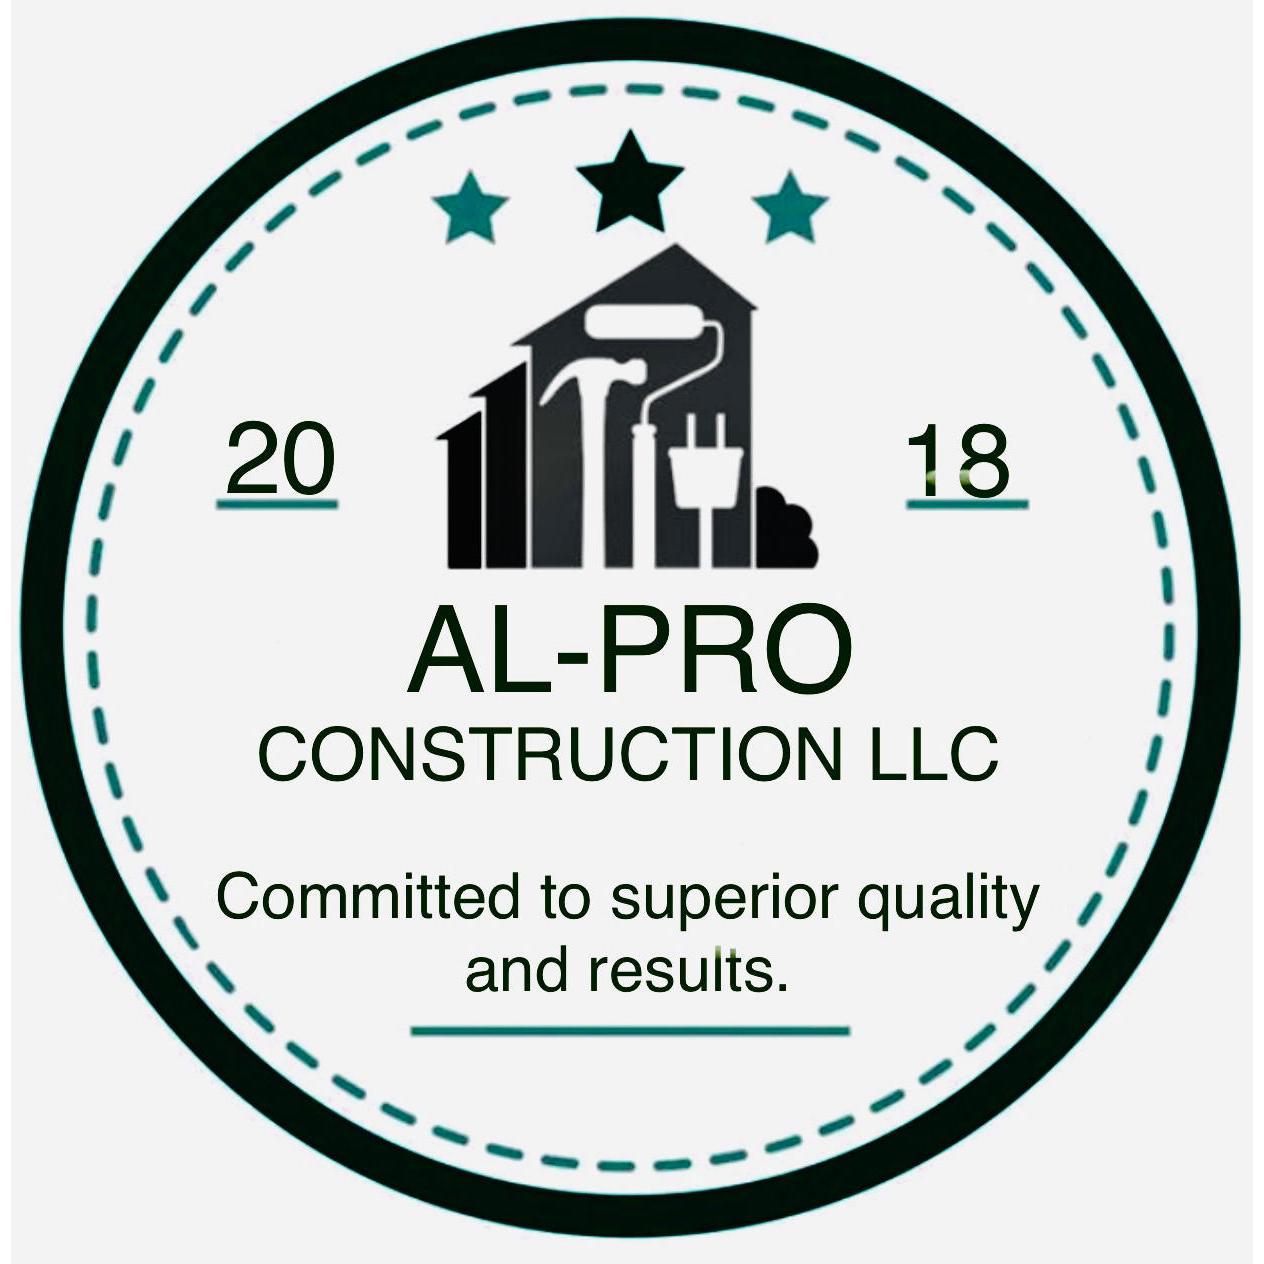 Al-Pro Construction LLC